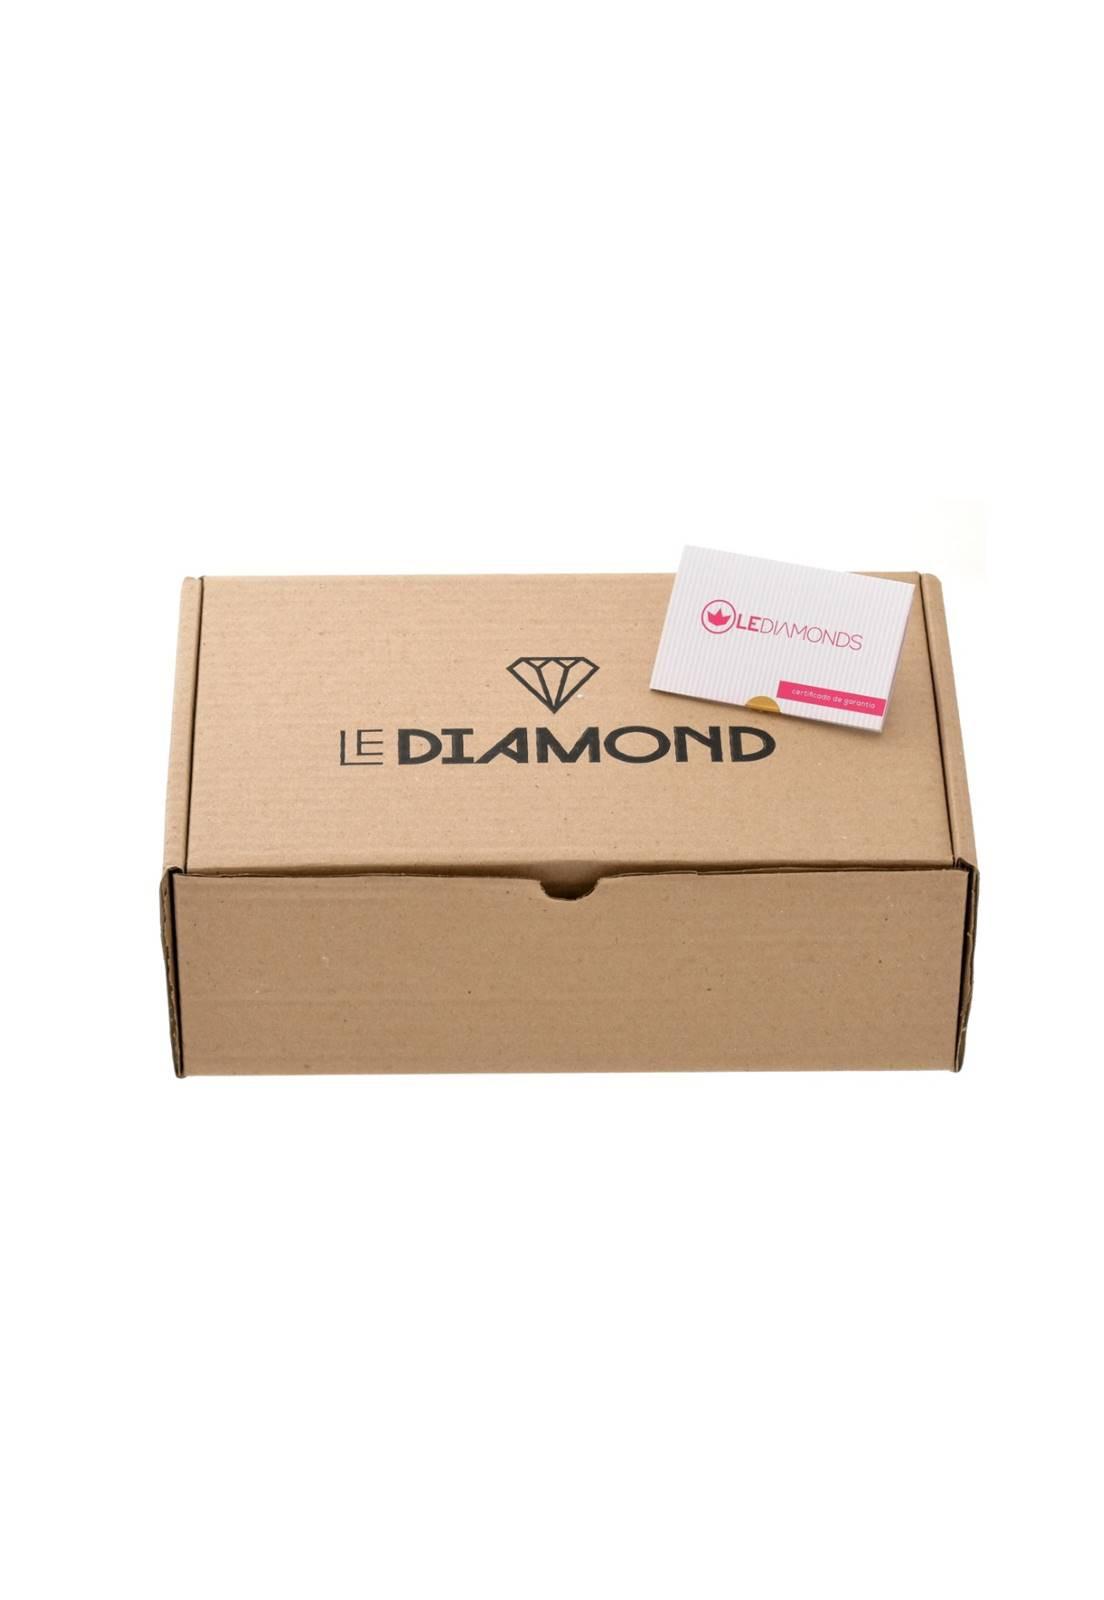 Brinco Le Diamond Argola De Tecido Preto